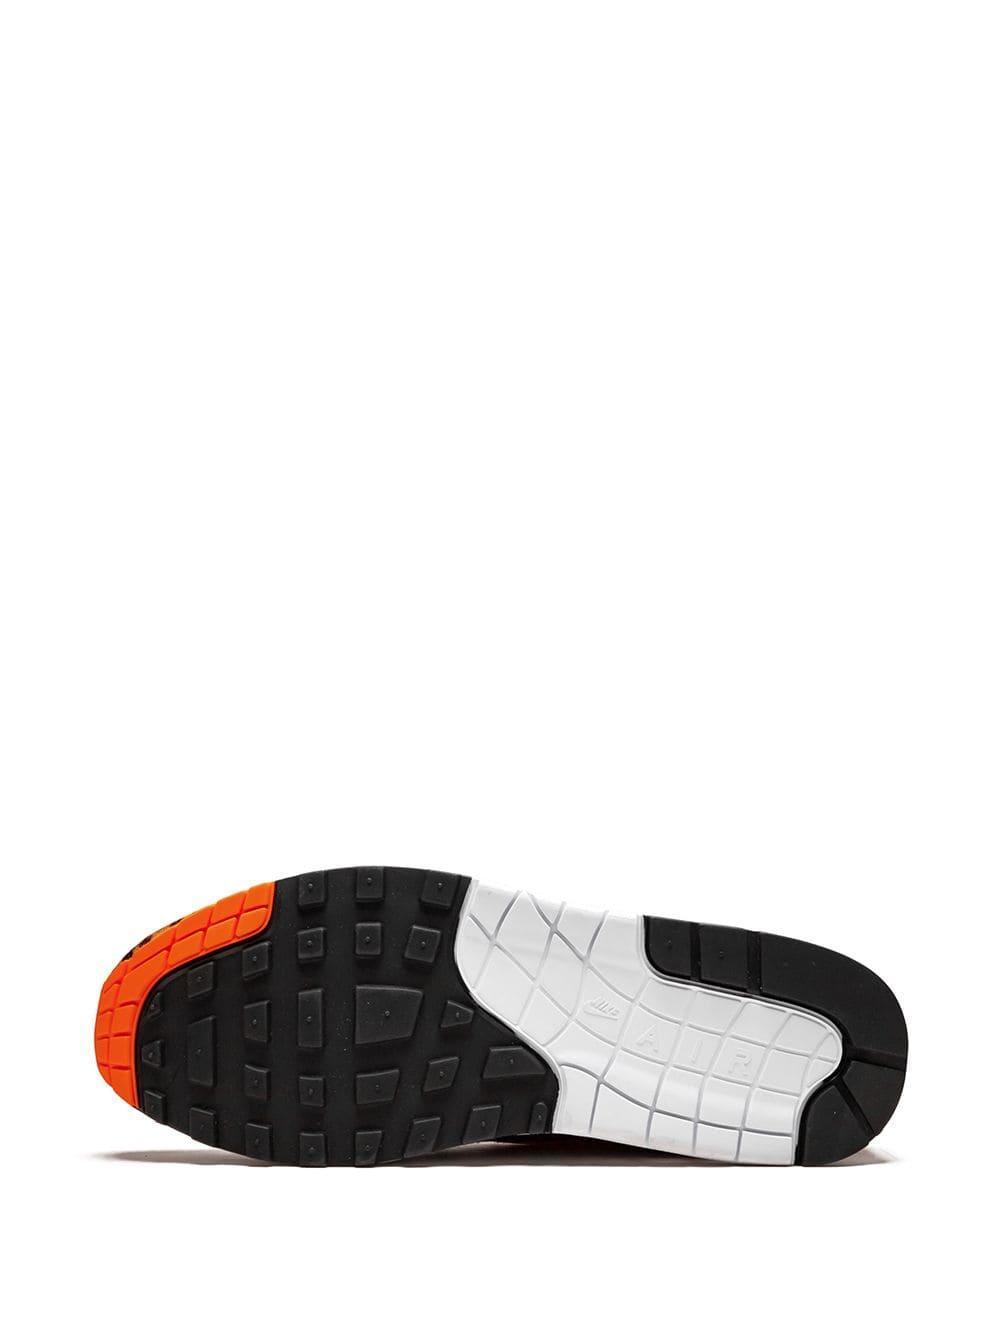 Zapatillas Air Max 1 de atmos x Nike de hombre de color Marrón